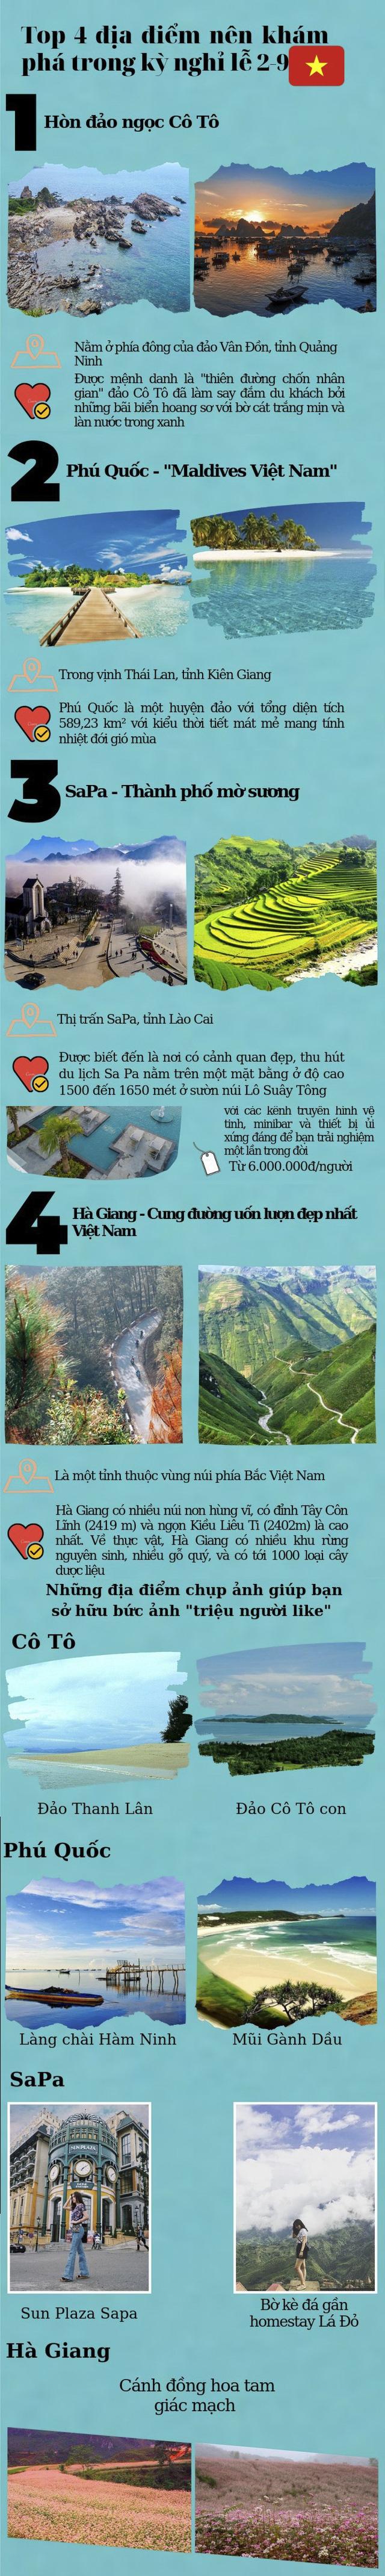 Top 4 địa điểm nên khám phá trong dịp lễ 2/9 - Ảnh 1.